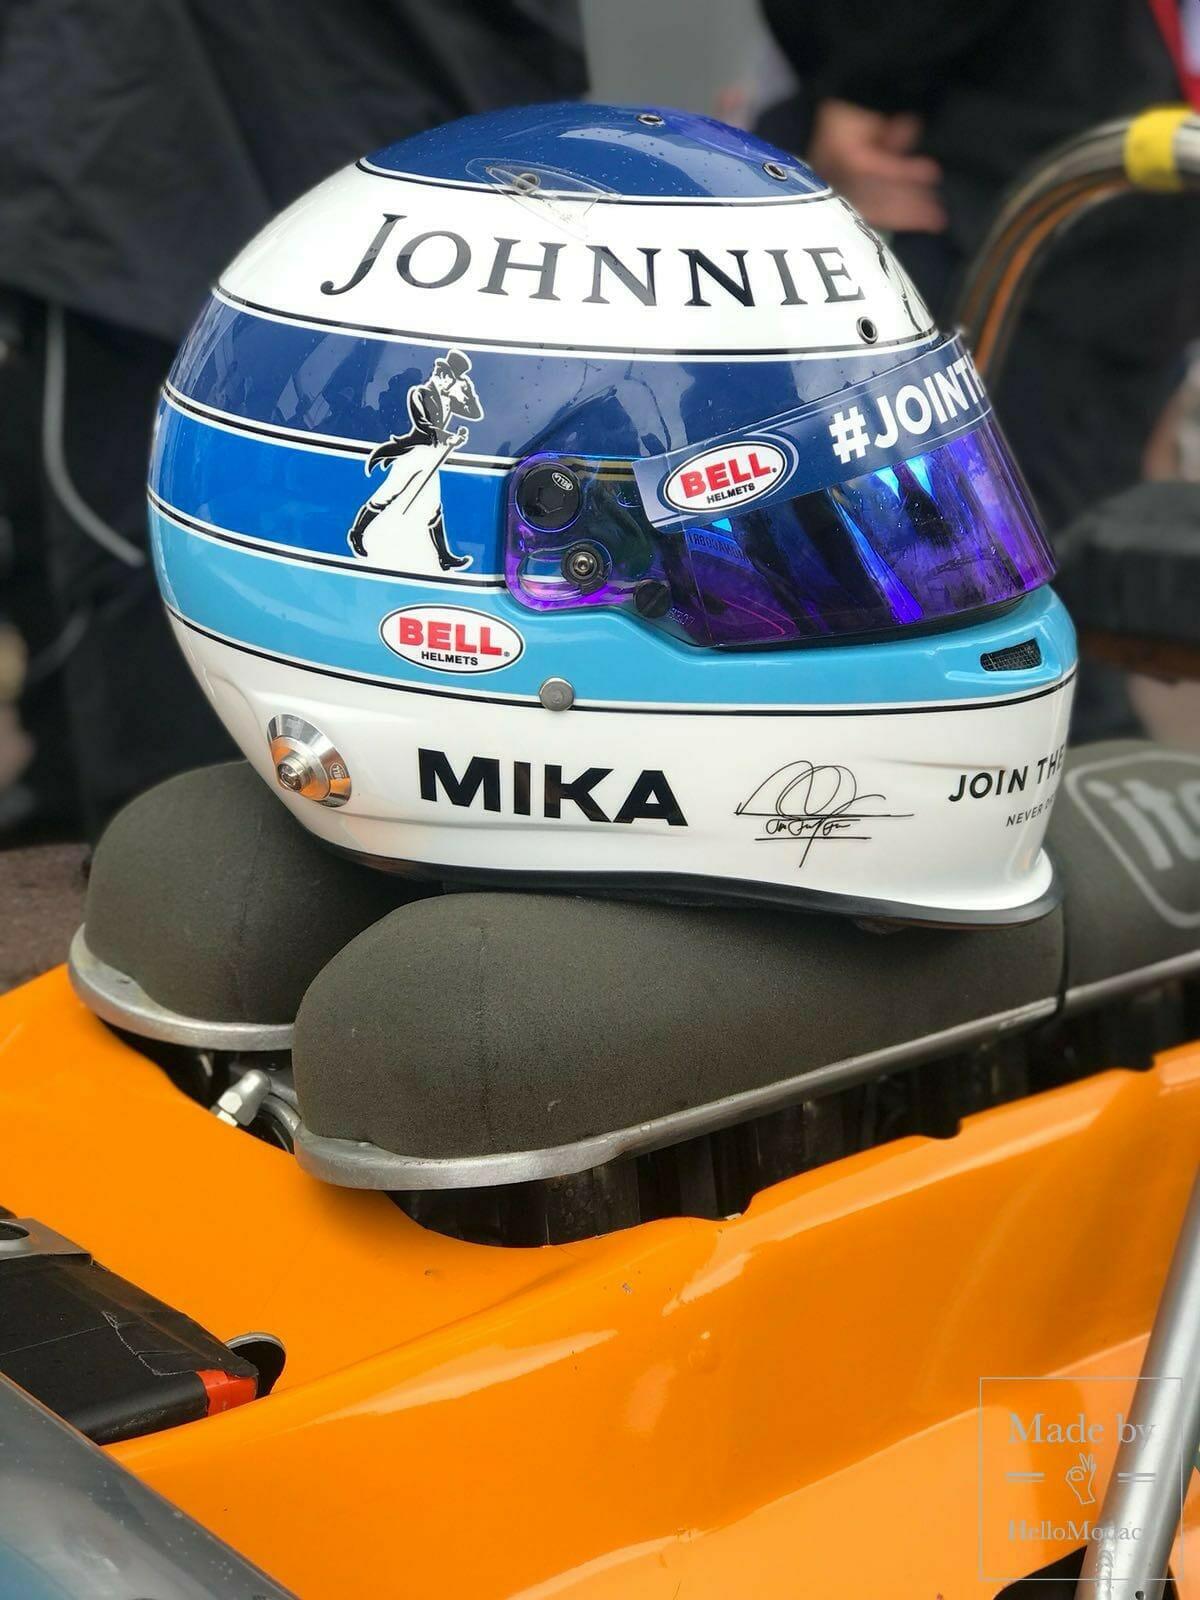 Mika Hakkinen's Helmet